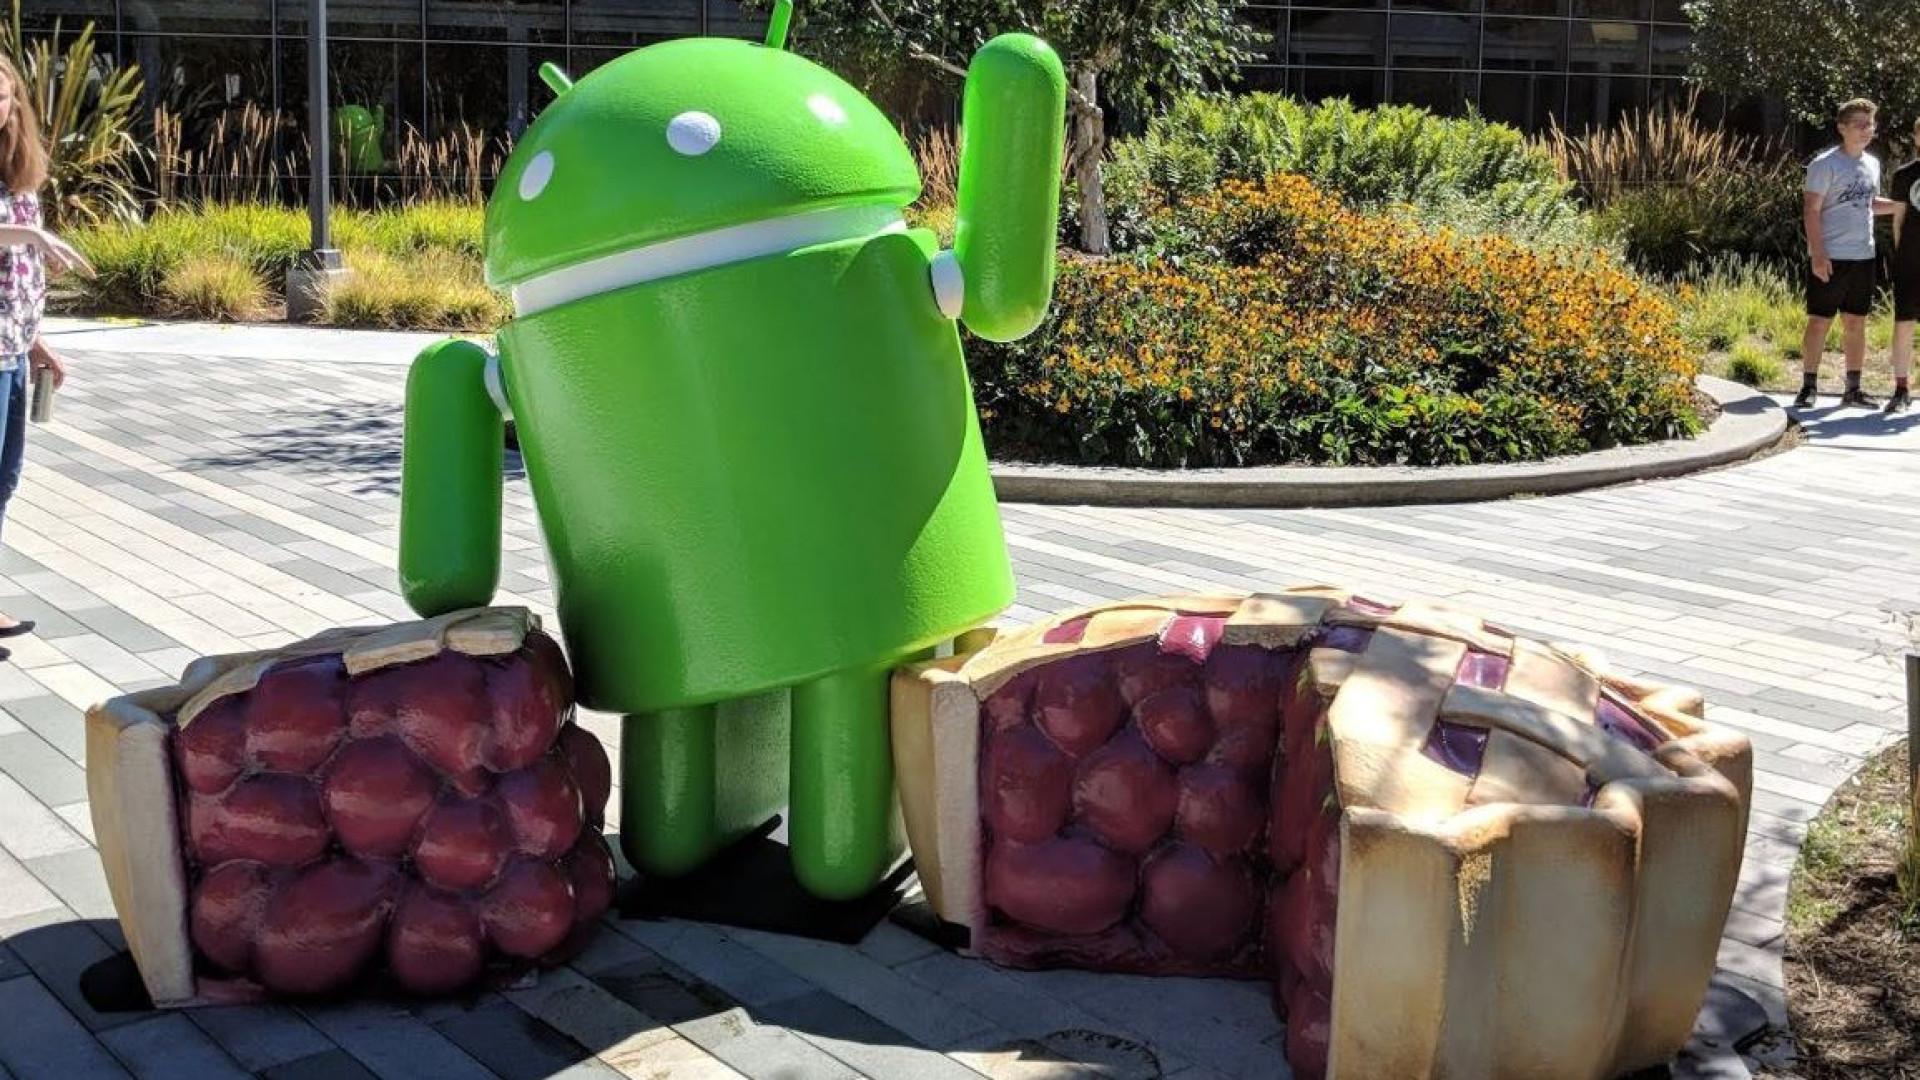 Expulso de app devido a atualização? Google quer impedi-lo